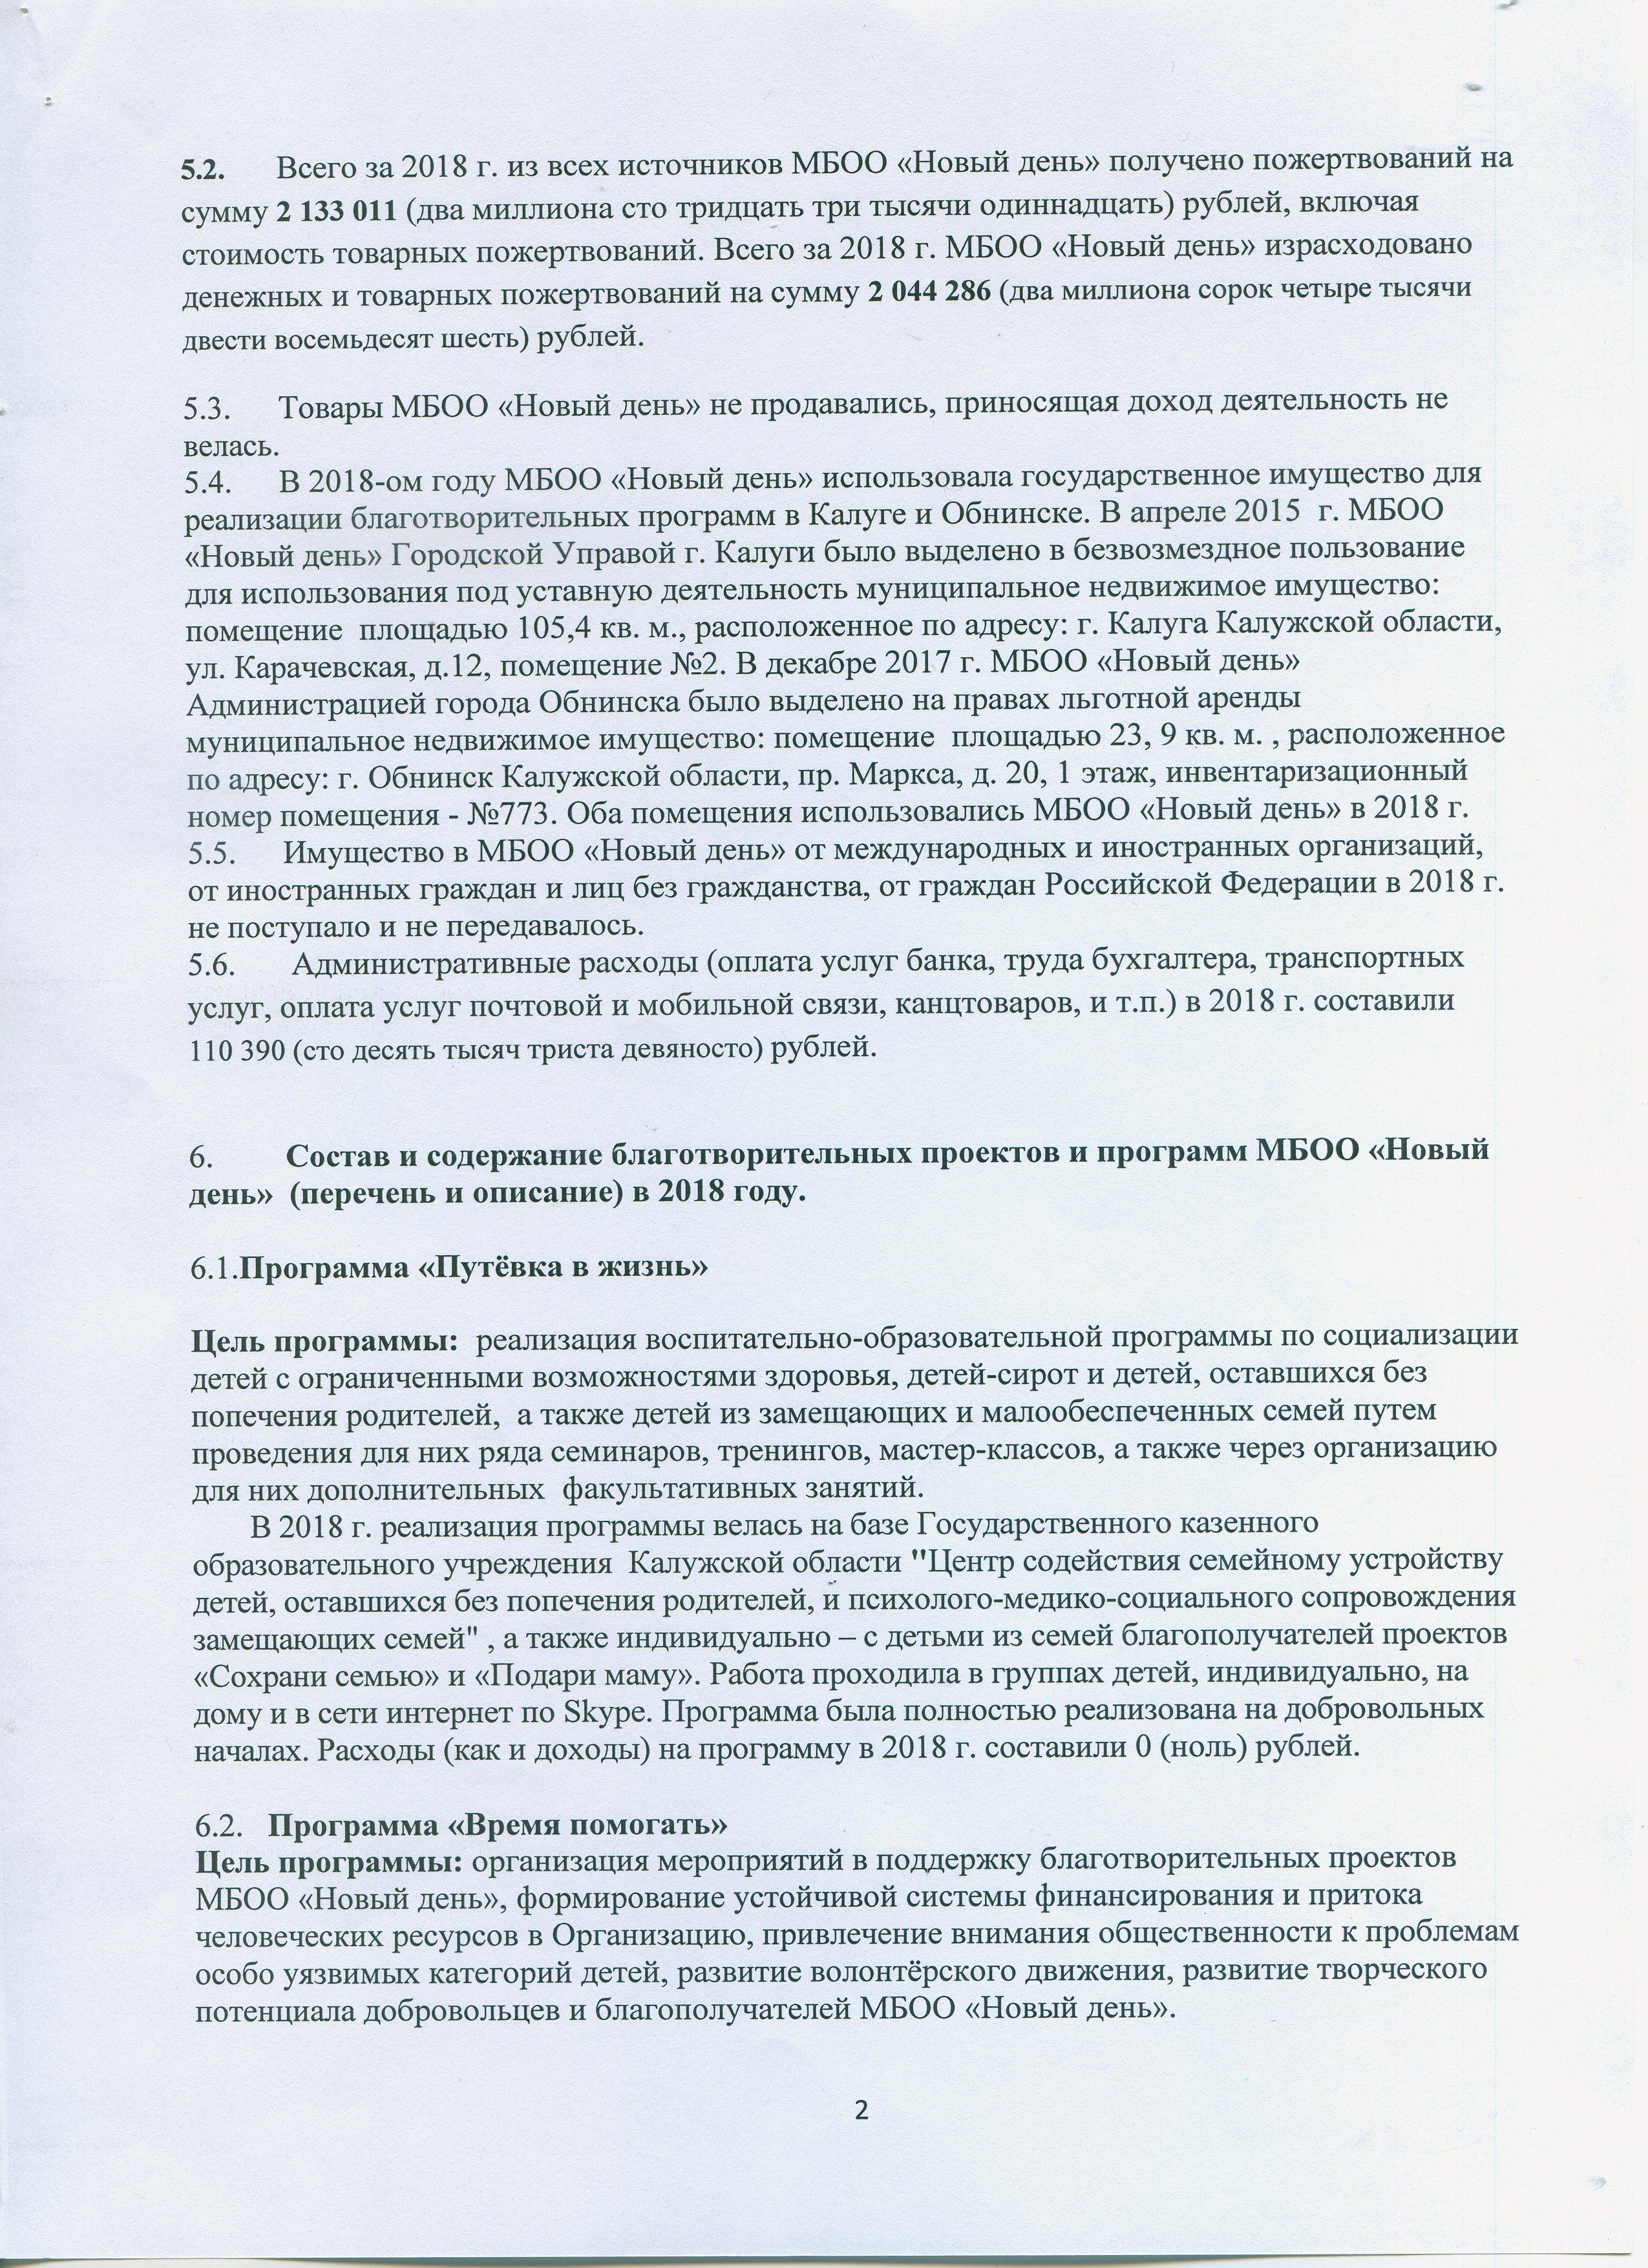 Отчёт в Минюст 2